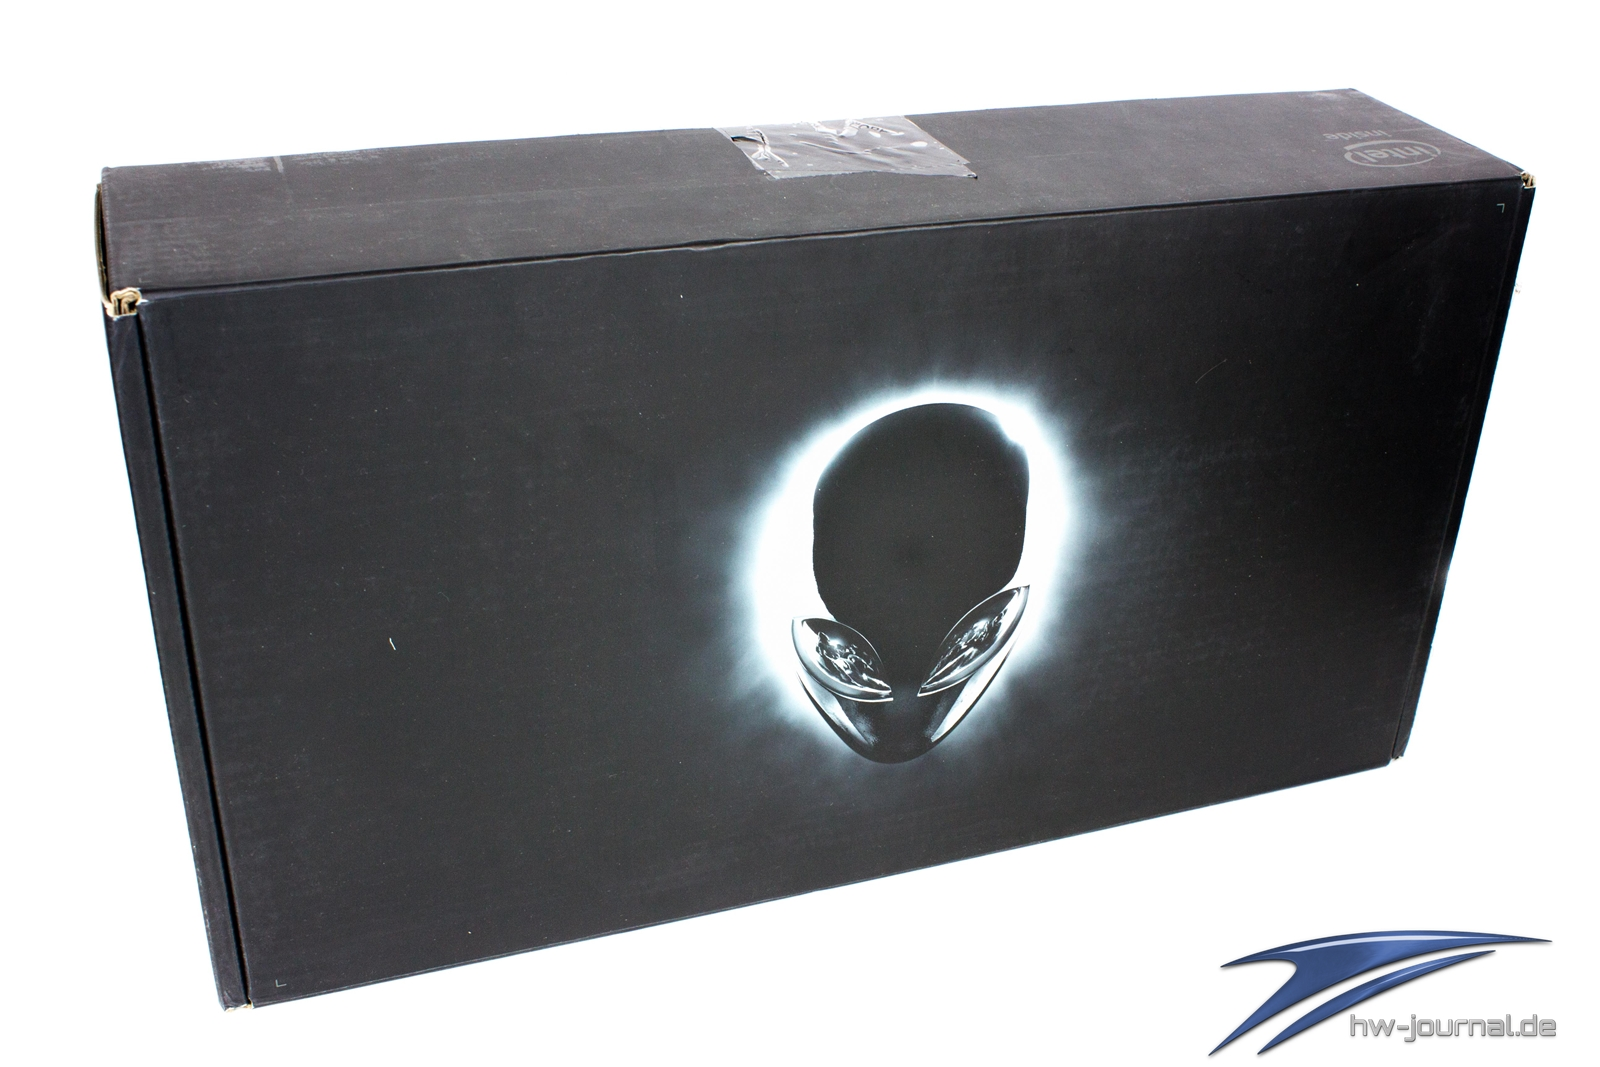 test alienware alpha hardware journal. Black Bedroom Furniture Sets. Home Design Ideas